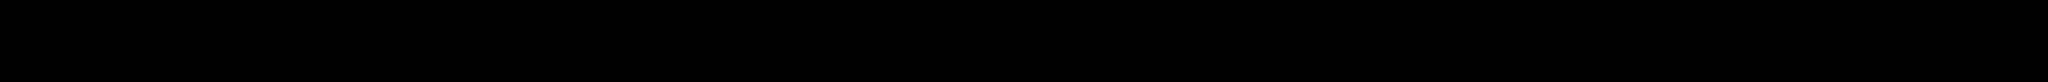 MEYLE MAF0467, 13780-62J00, 13780-62J00-000 Légszűrő